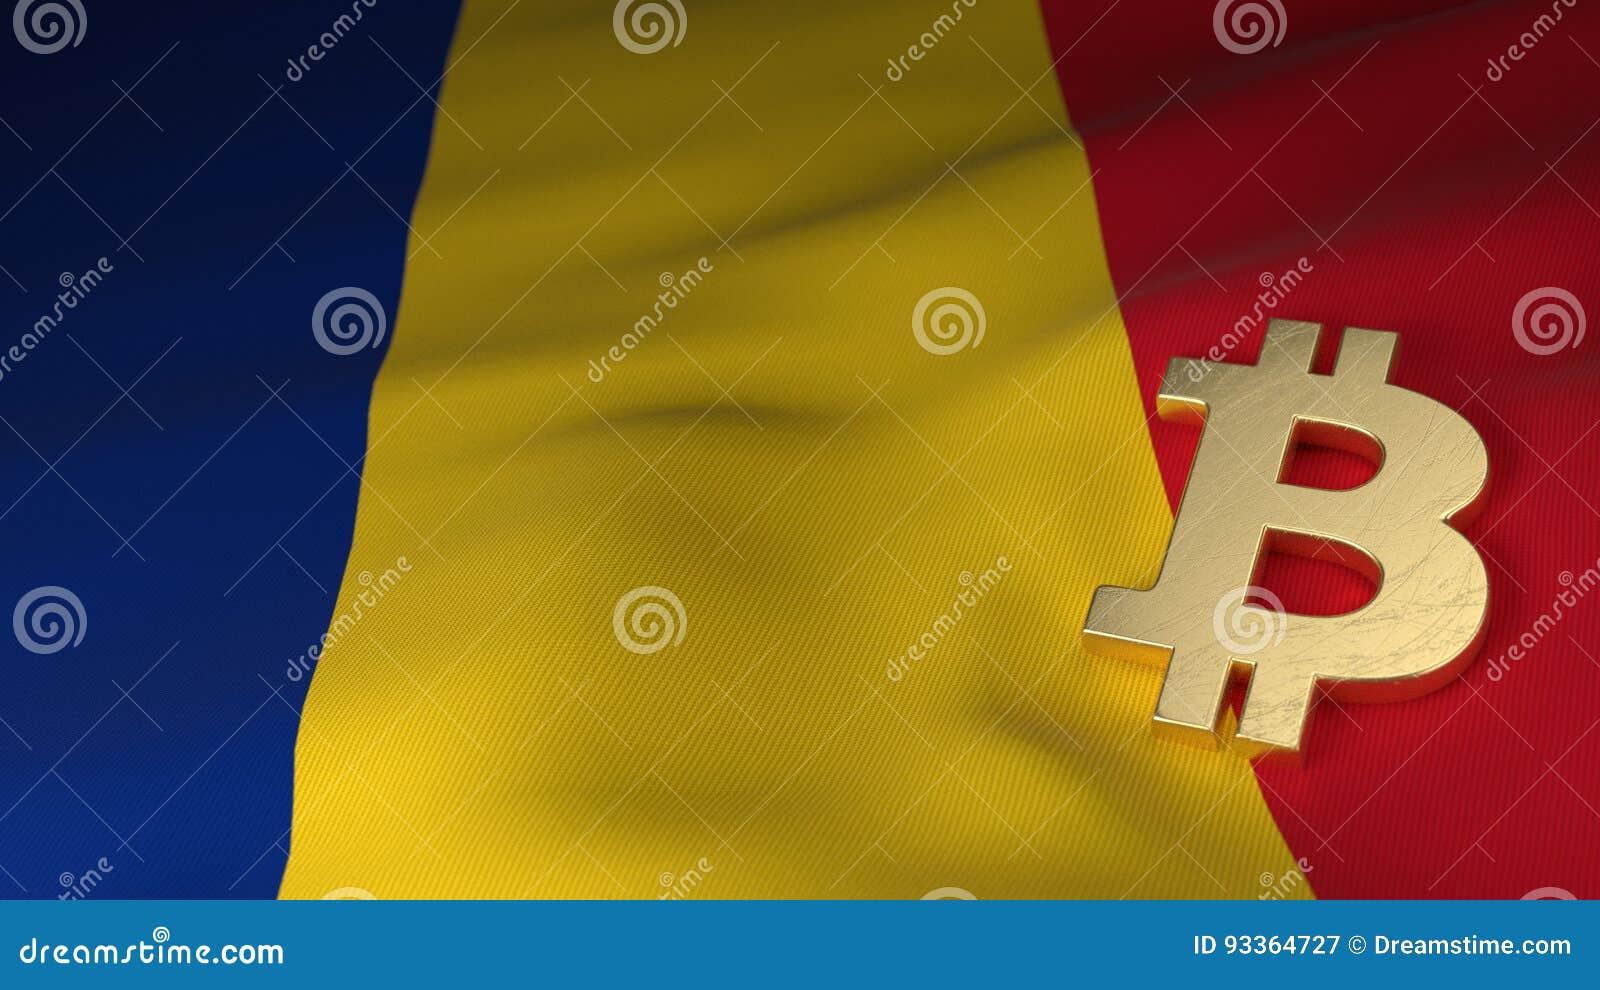 Символ валюты Bitcoin на флаге Румынии